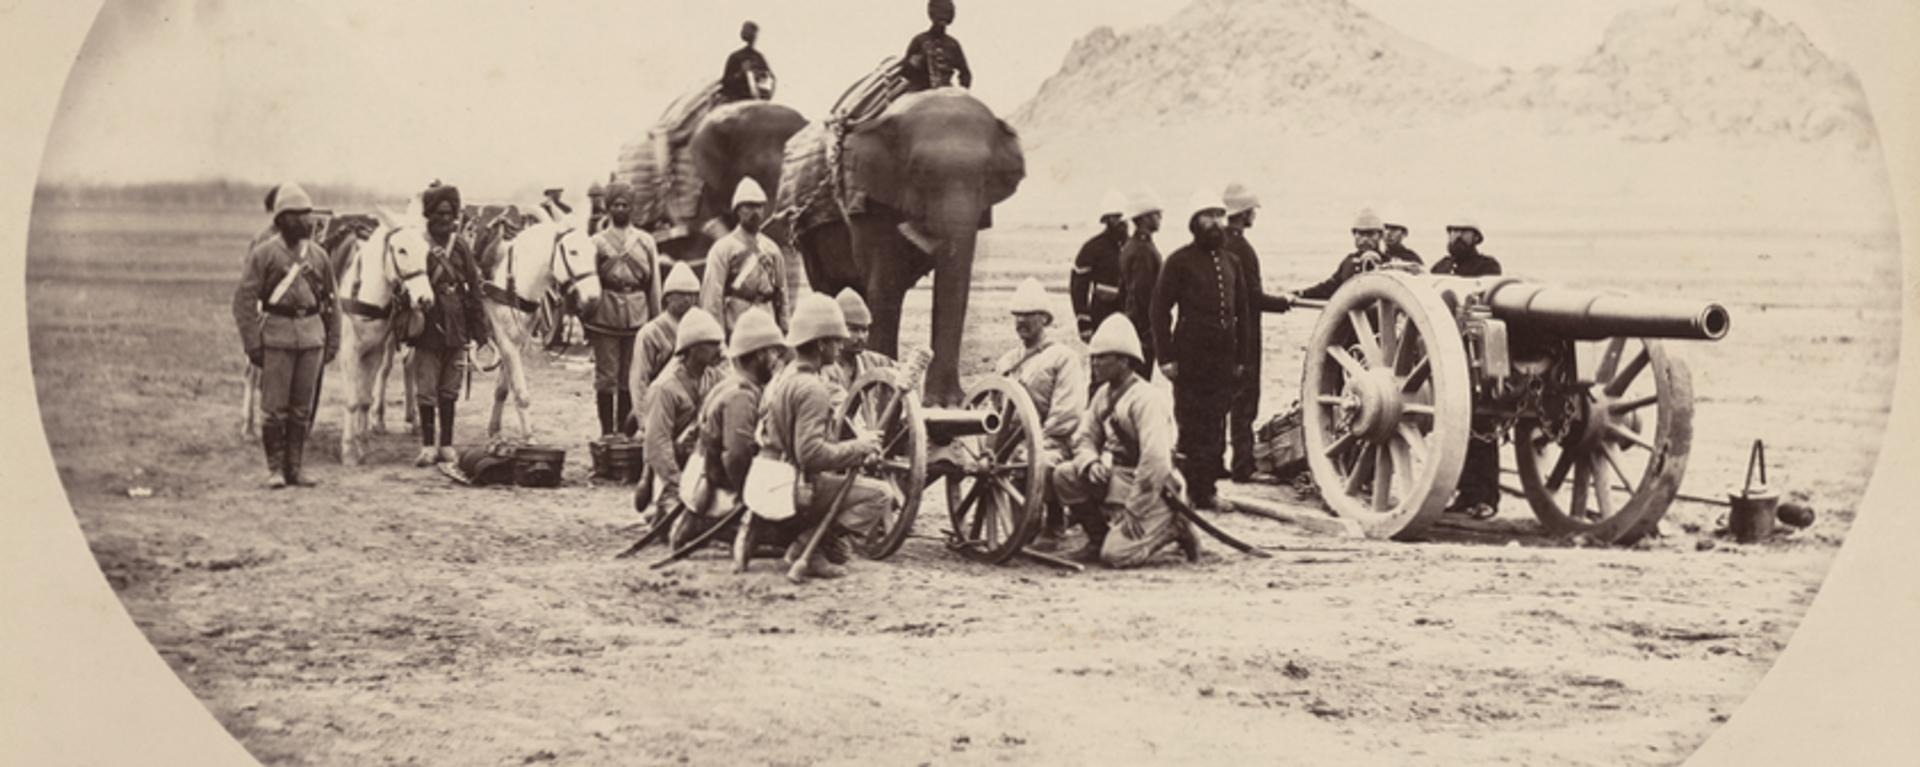 Elephant and Mule Battery, Second Anglo-Afghan War - Sputnik Таджикистан, 1920, 12.11.2019